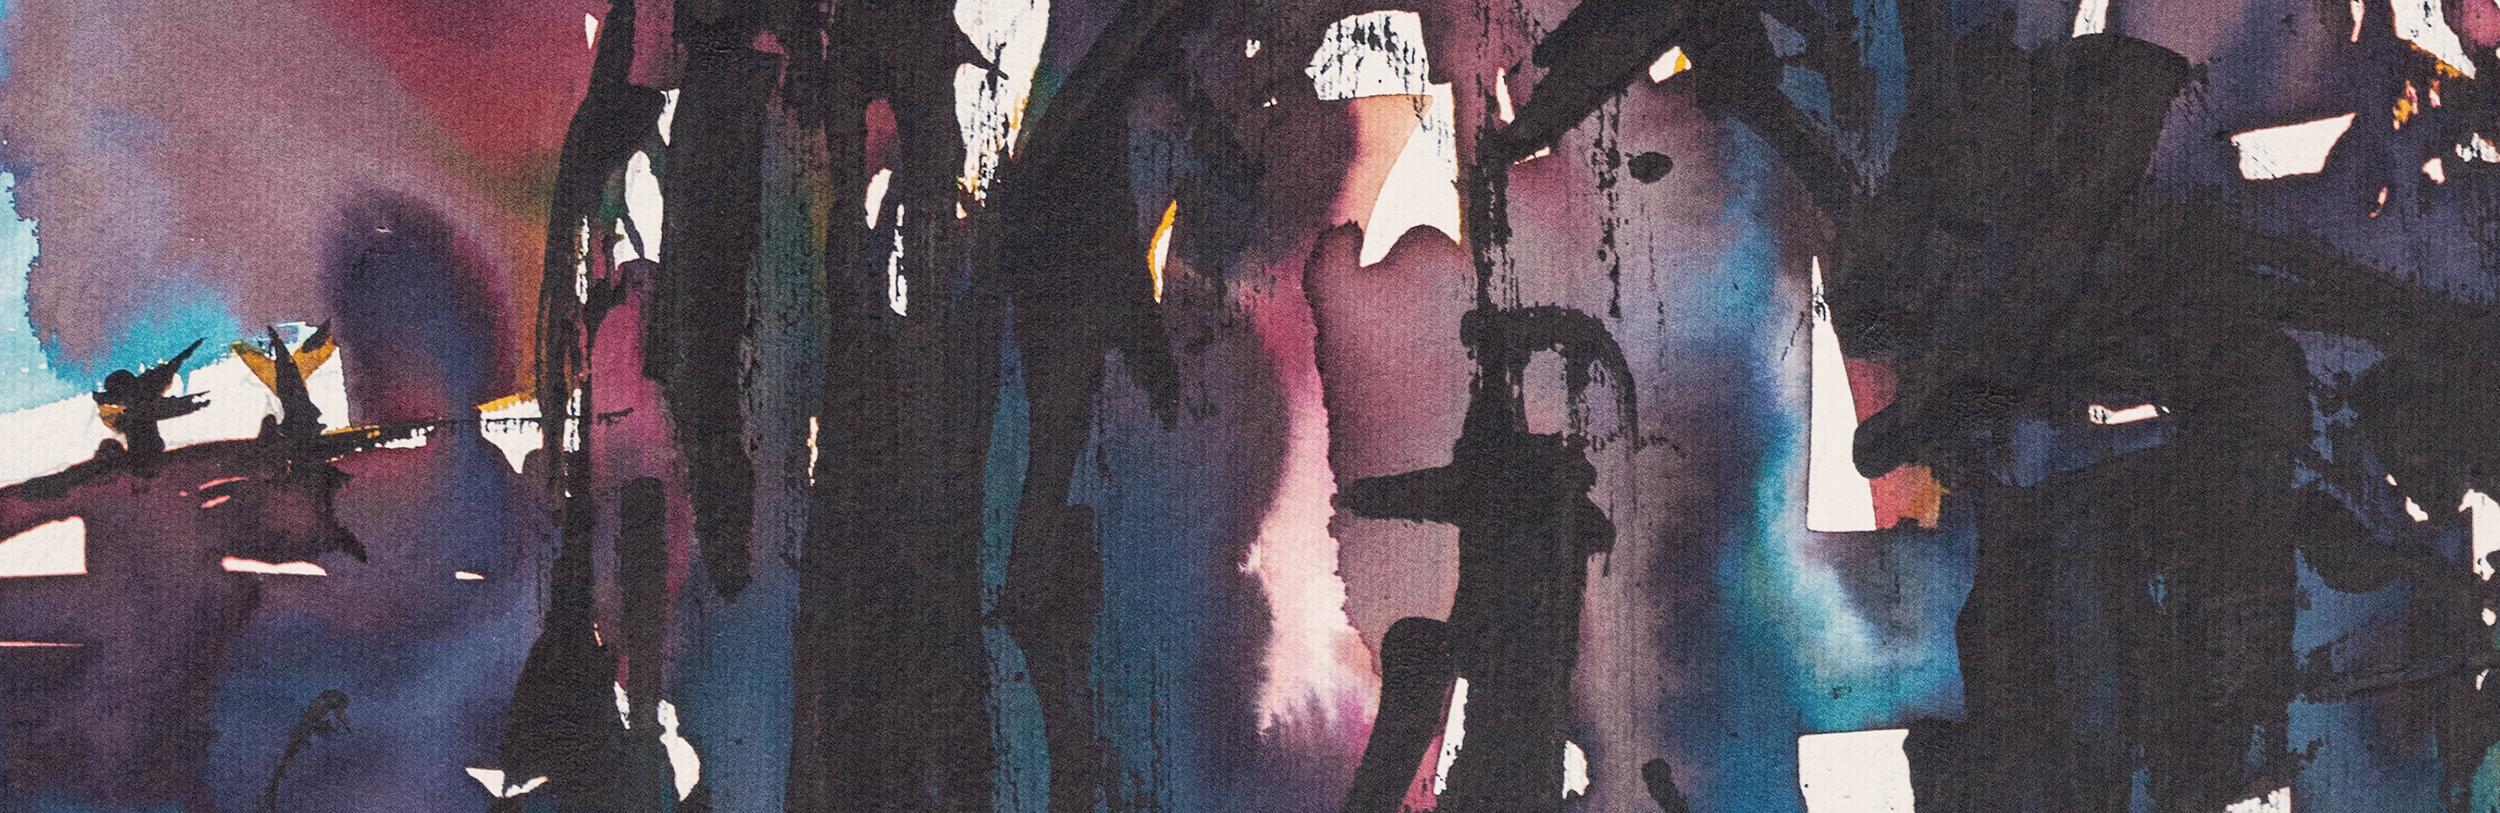 bonjourmolotov Dom Quixote de la Mancha Illustration Ilustracao painting pintura acrylic acrílico canvas tela paper cardboard mdf Andre Gigante 014N.jpg